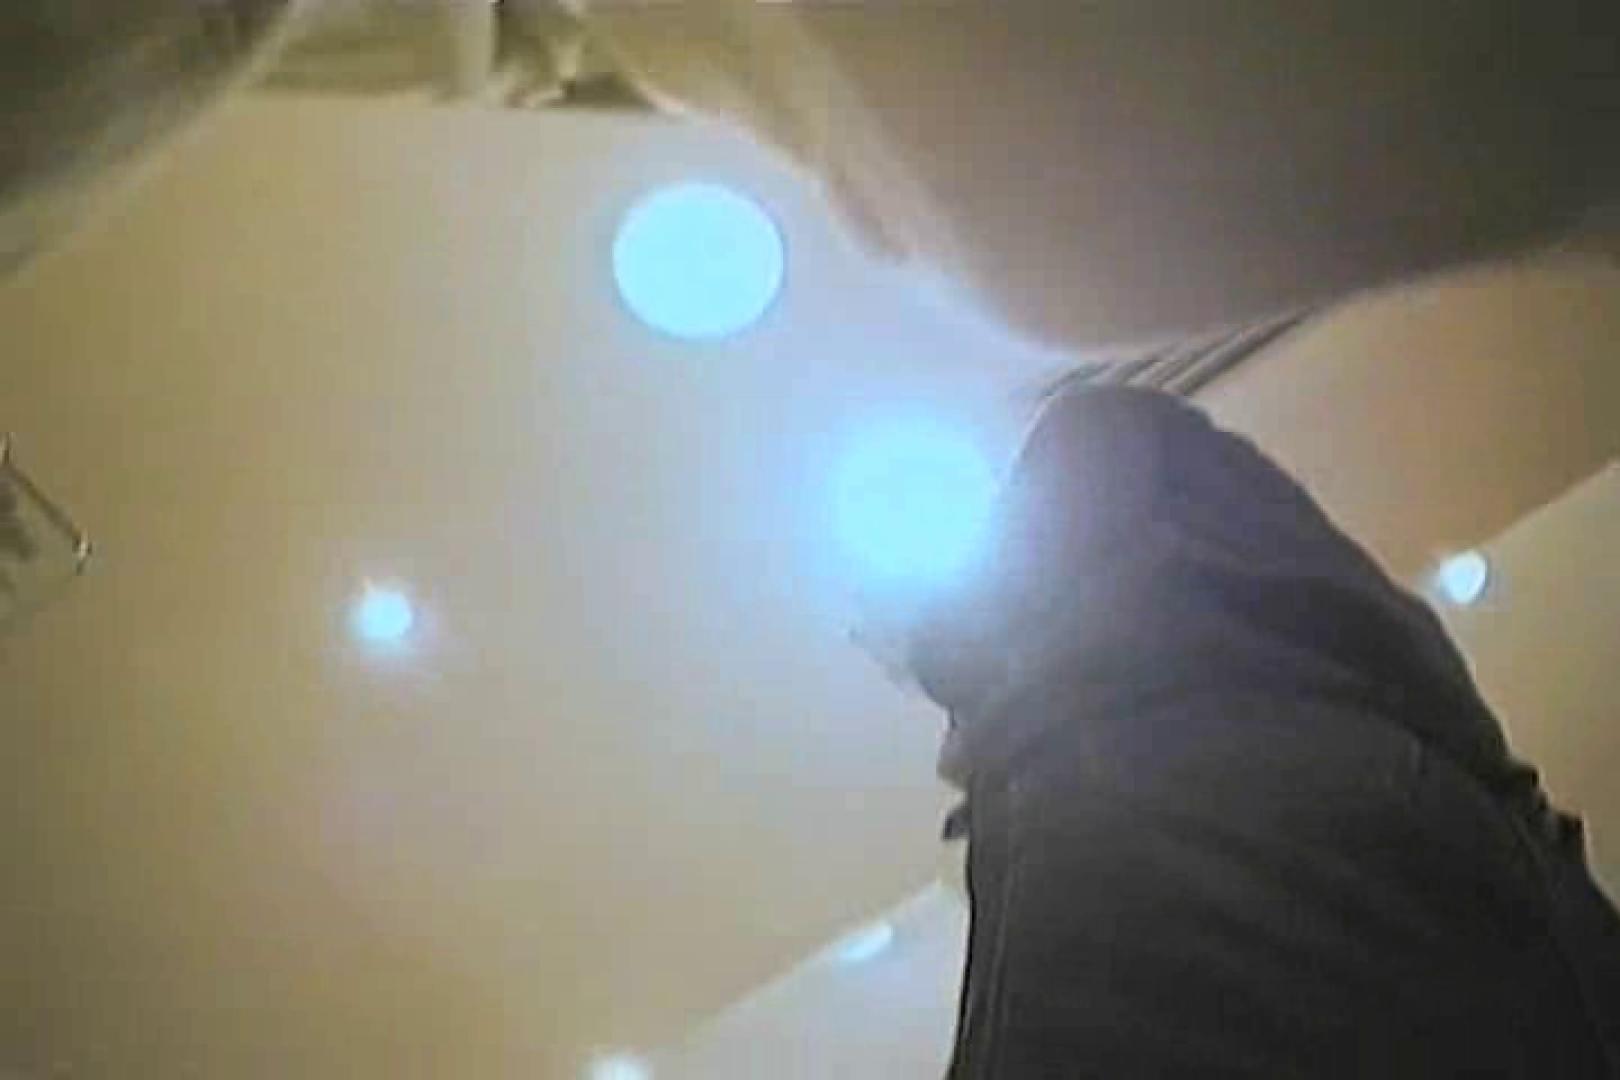 デパートローアングル徘徊 靴カメ盗撮Vol.3 お姉さんの女体 | 盗撮  65pic 24